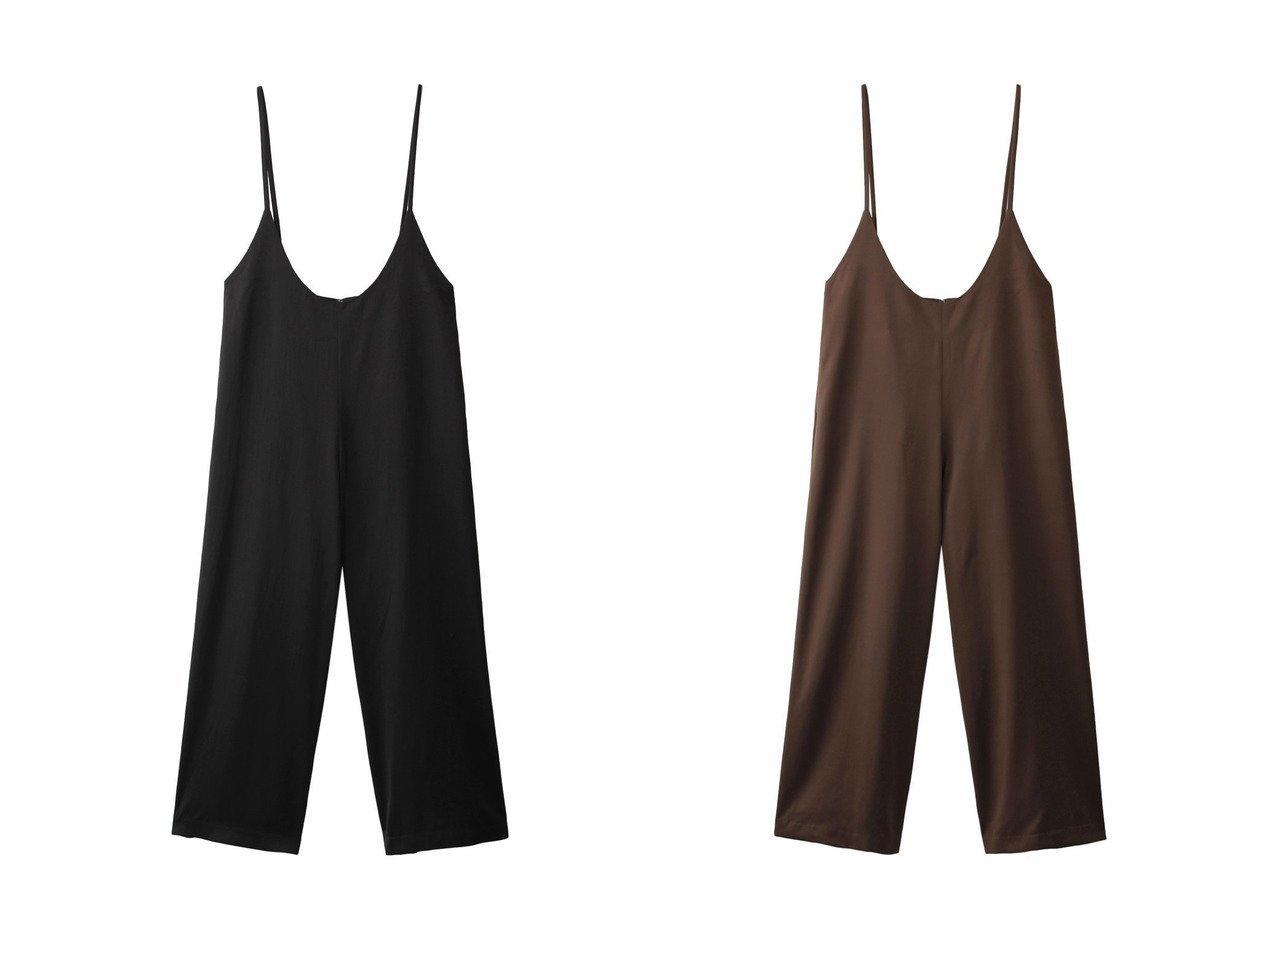 【Whim Gazette/ウィムガゼット】のサスペンダーパンツ 【パンツ】おすすめ!人気、トレンド・レディースファッションの通販 おすすめで人気の流行・トレンド、ファッションの通販商品 インテリア・家具・メンズファッション・キッズファッション・レディースファッション・服の通販 founy(ファニー) https://founy.com/ ファッション Fashion レディースファッション WOMEN パンツ Pants サスペンダー トレンド ワイド |ID:crp329100000057969